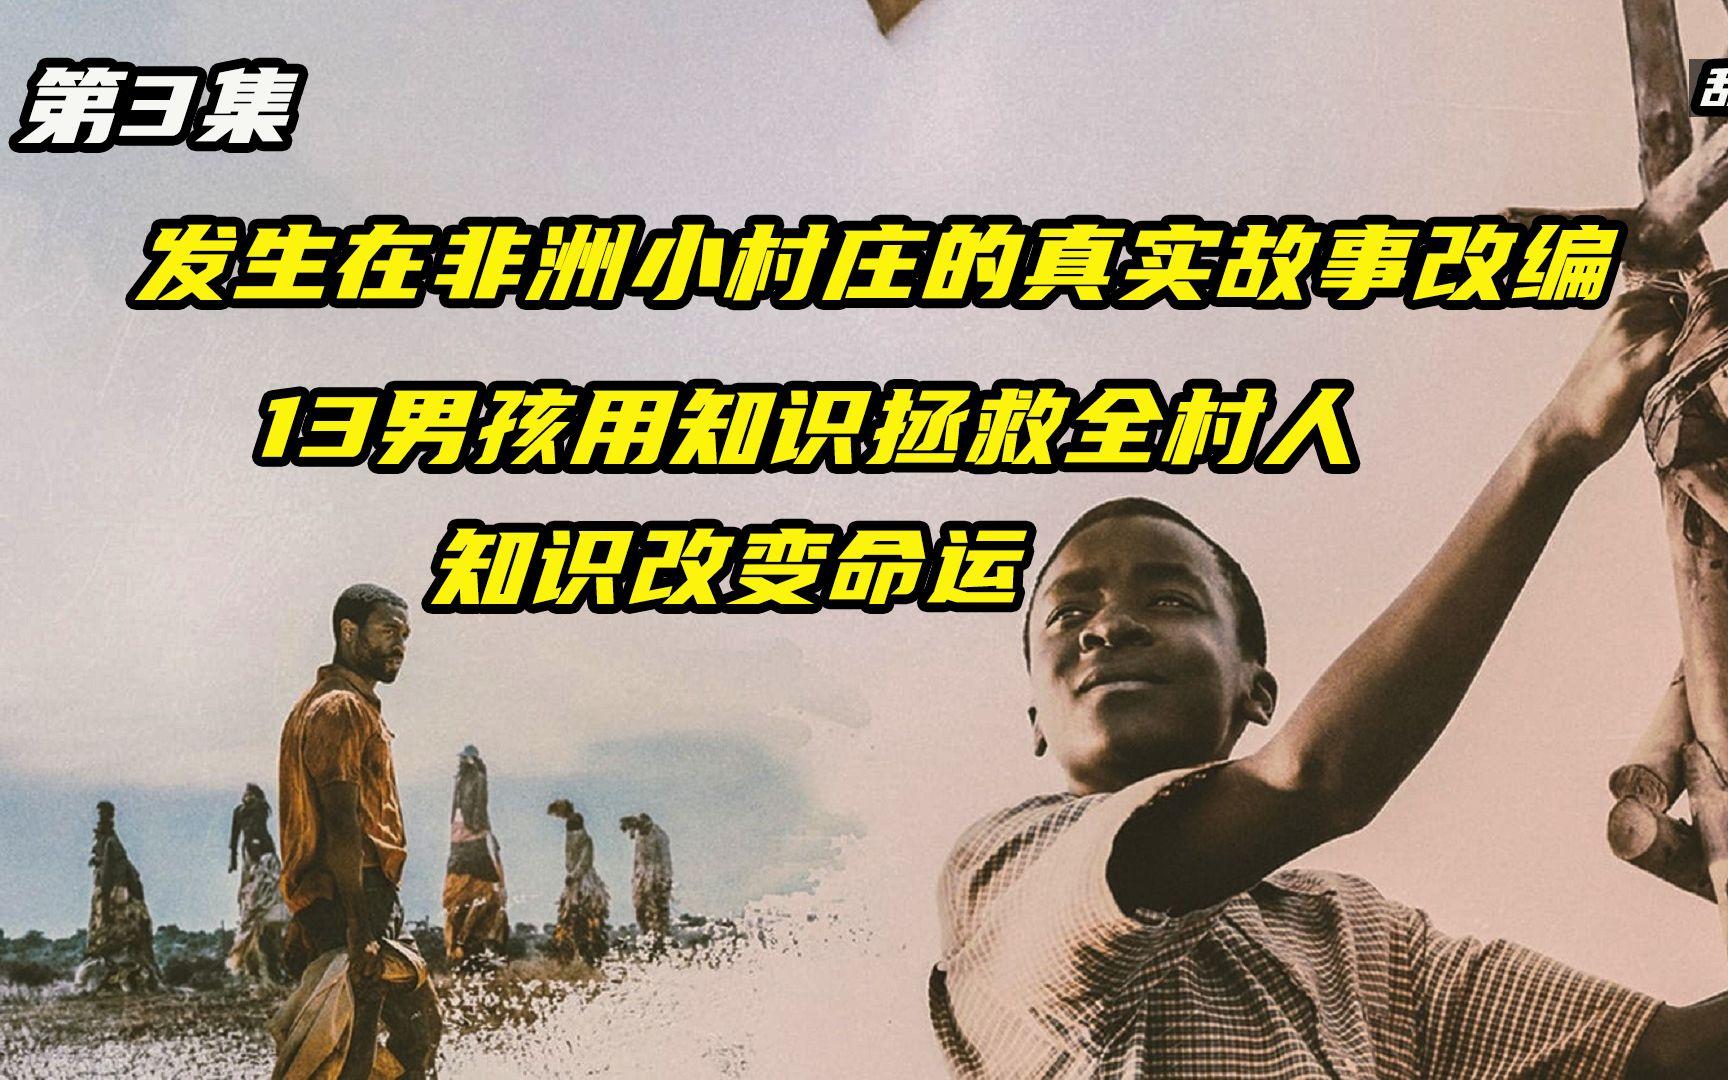 非洲13岁男孩靠一辆二八大杠,成为全村人的希望,知识改变命运